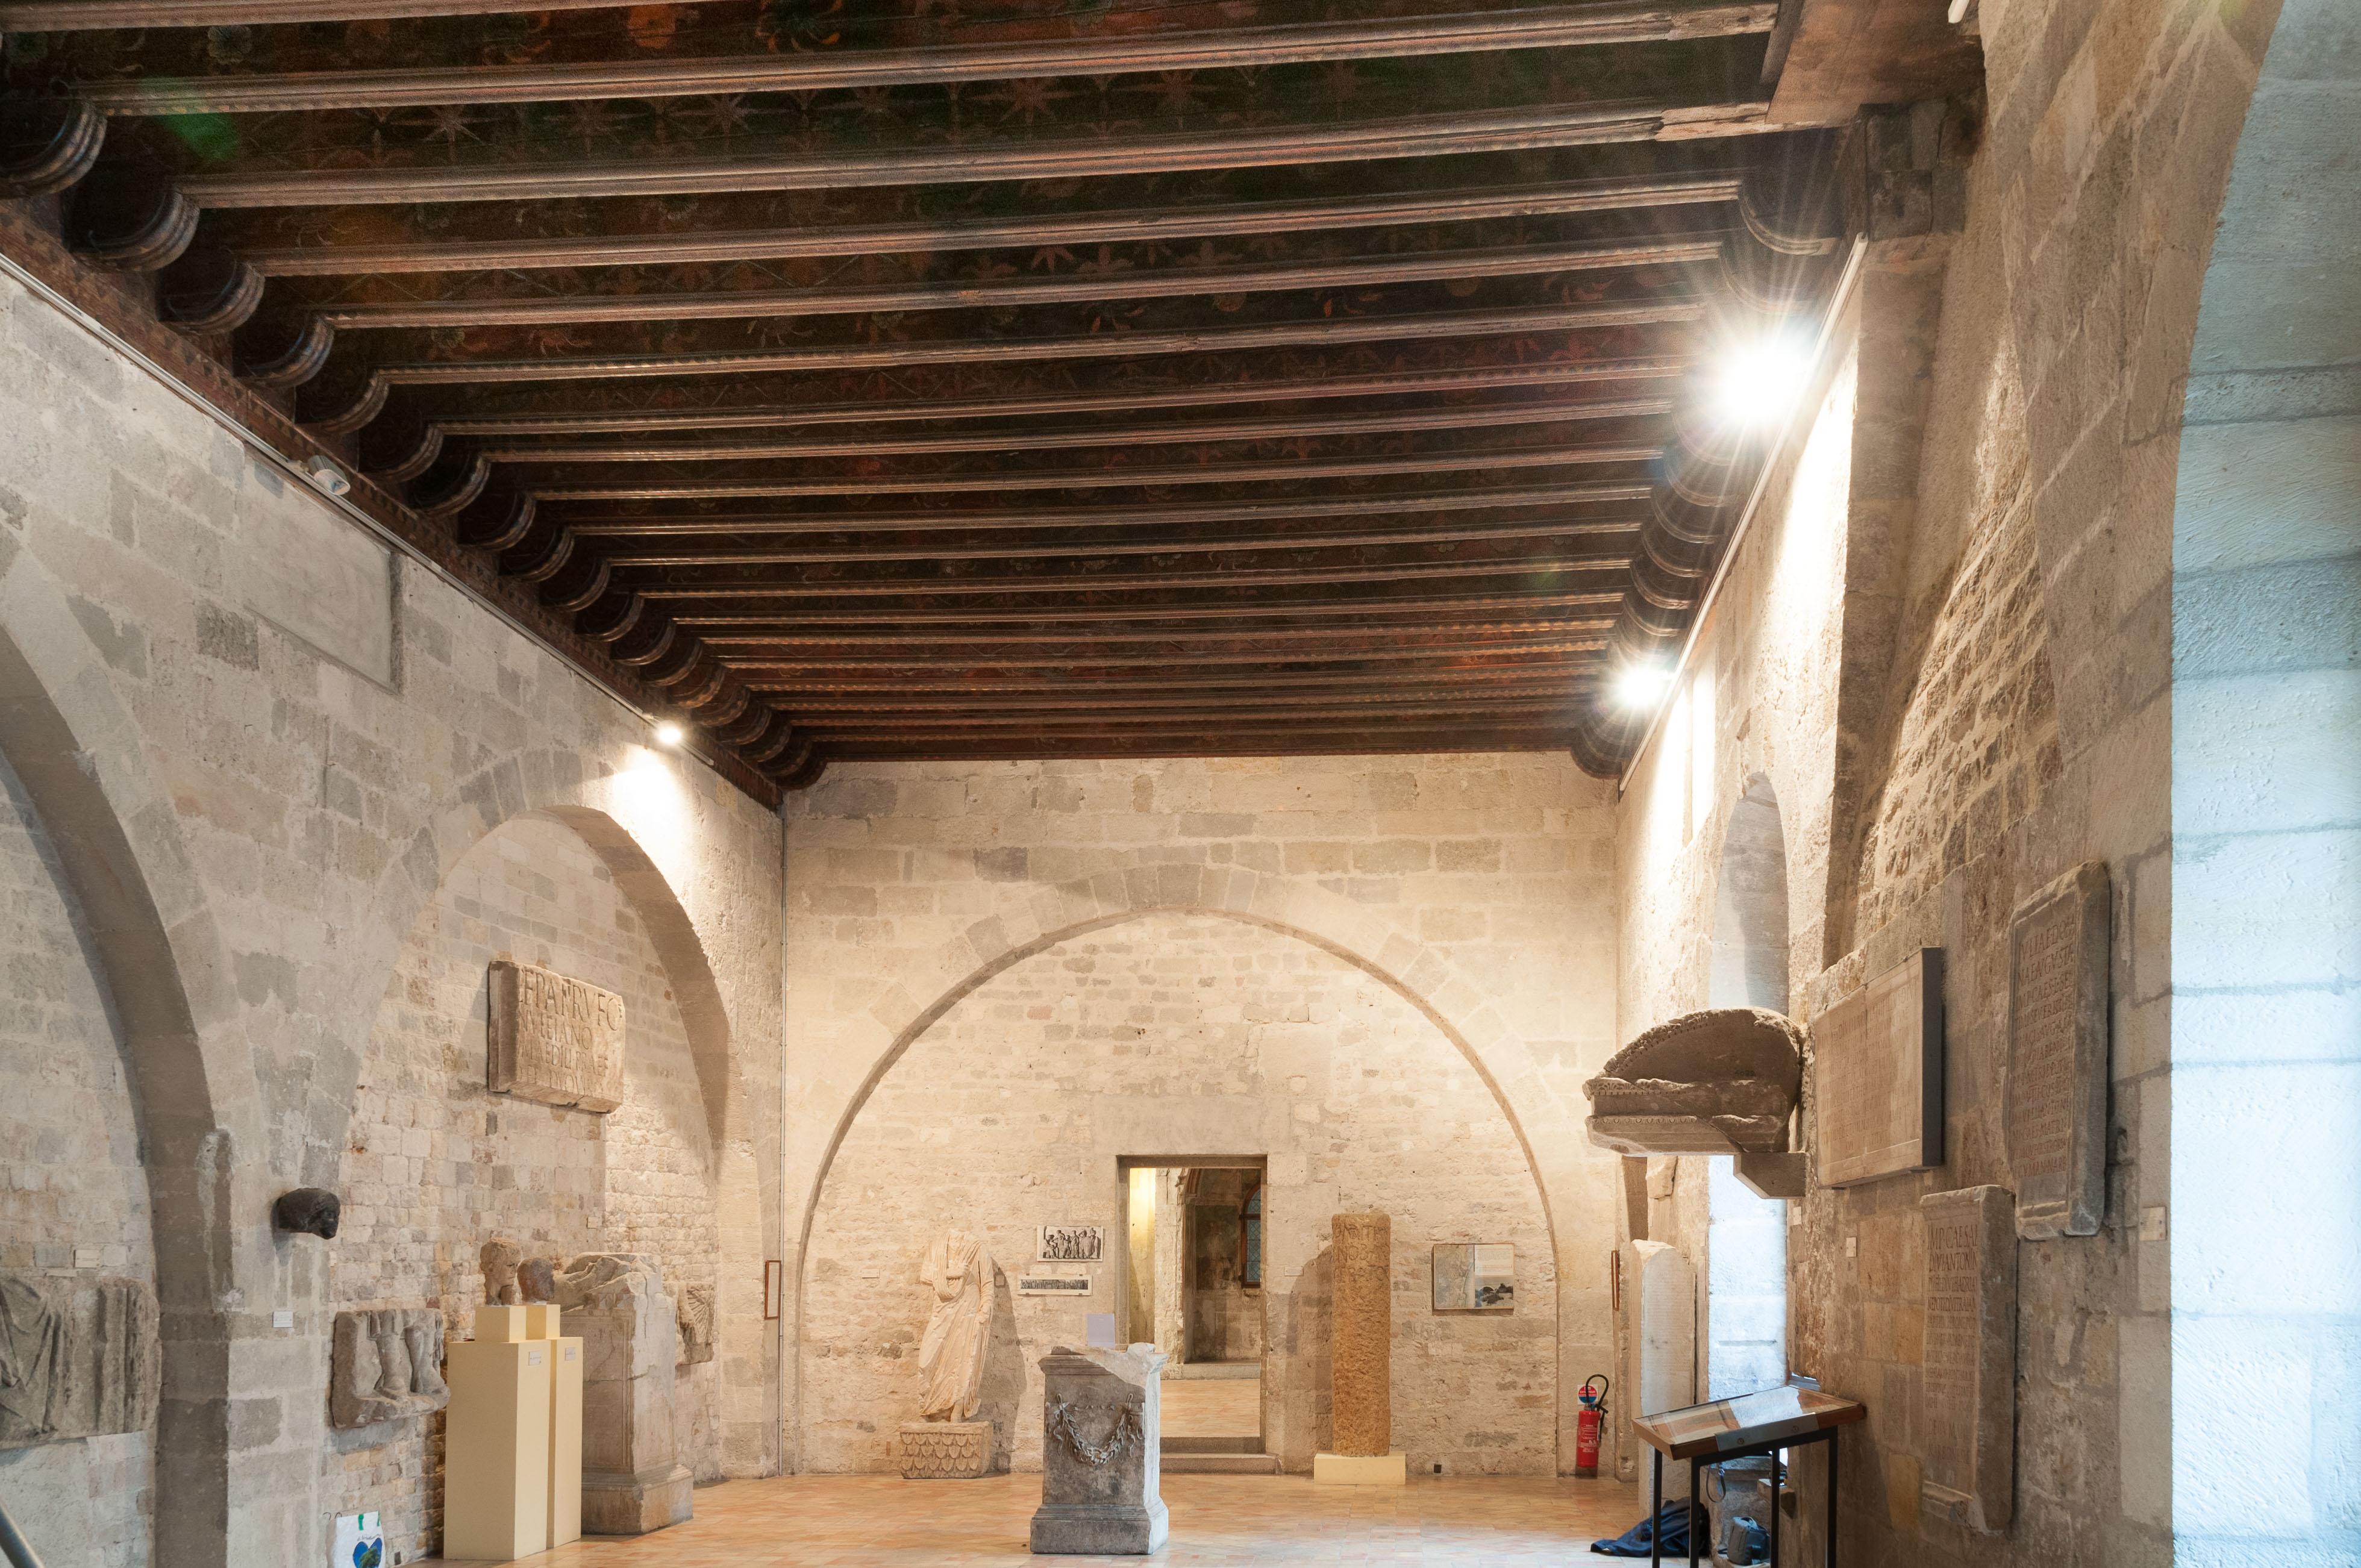 Plafond peint du Palais des Archevêques de Narbonne : vue générale